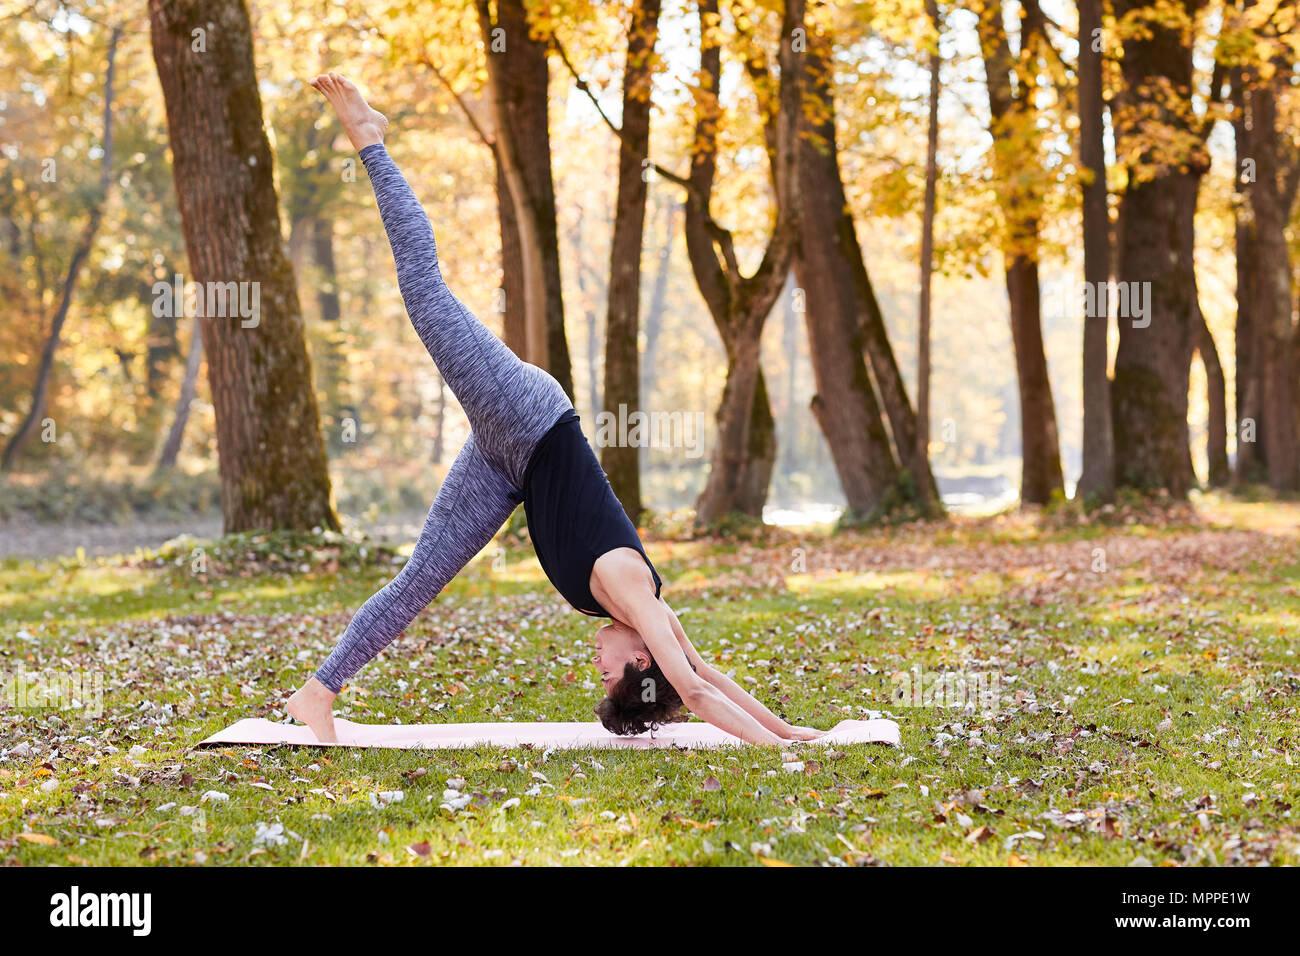 Metà donna adulta nella foresta a praticare yoga e rivolti verso il basso, posizione del cane Foto Stock